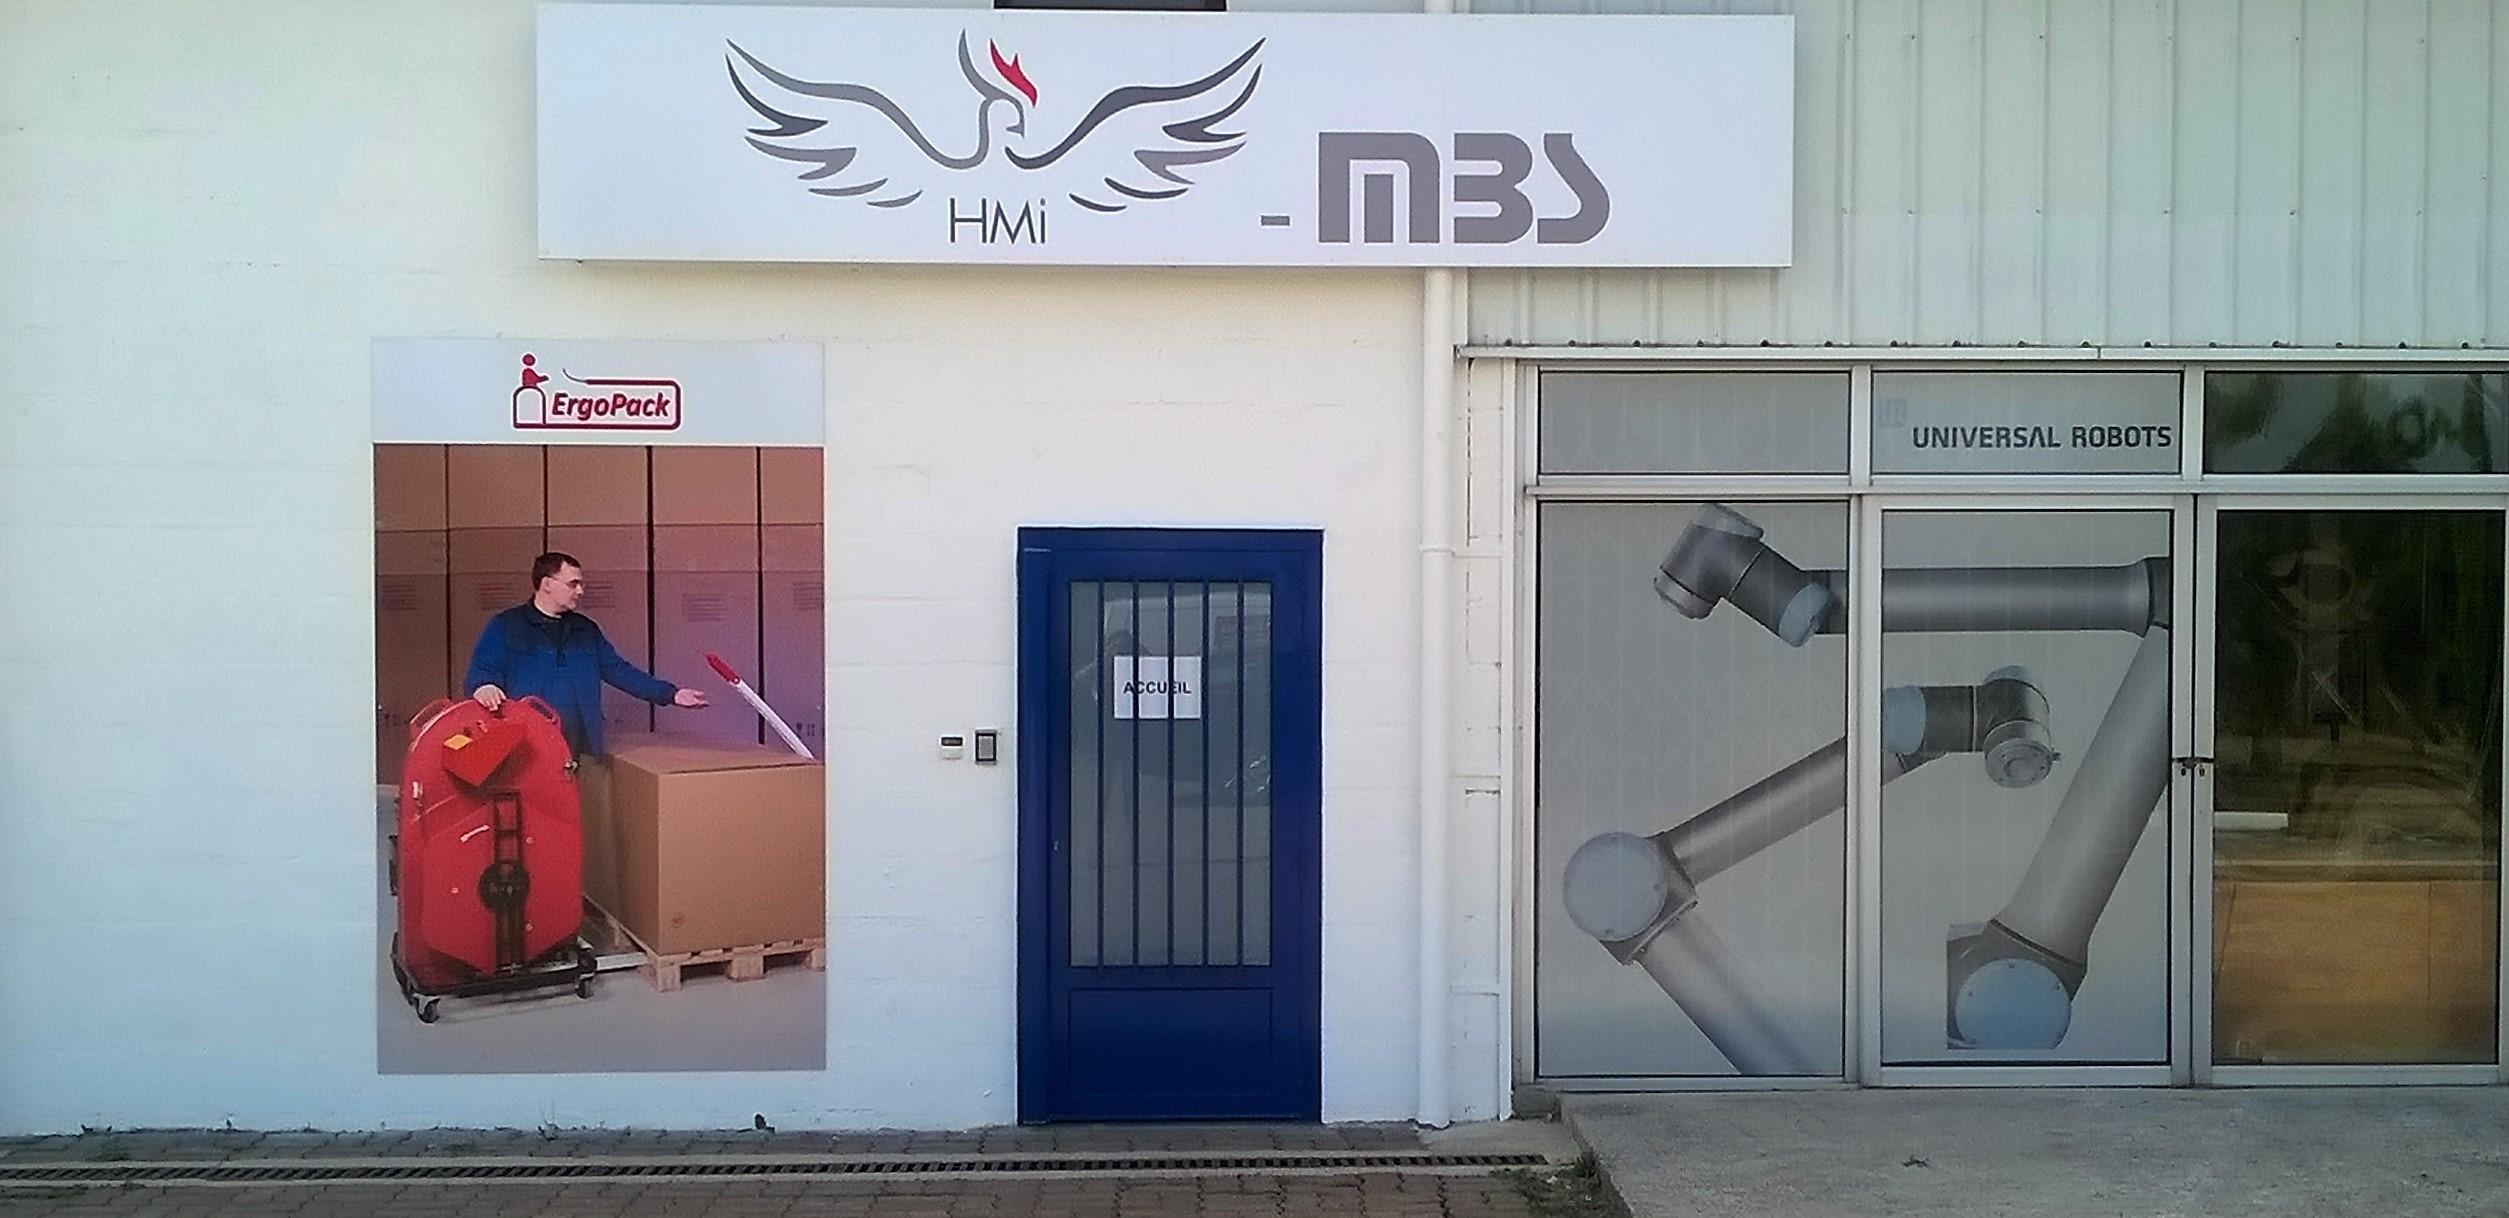 Nouvelle devanture HMi-MBS